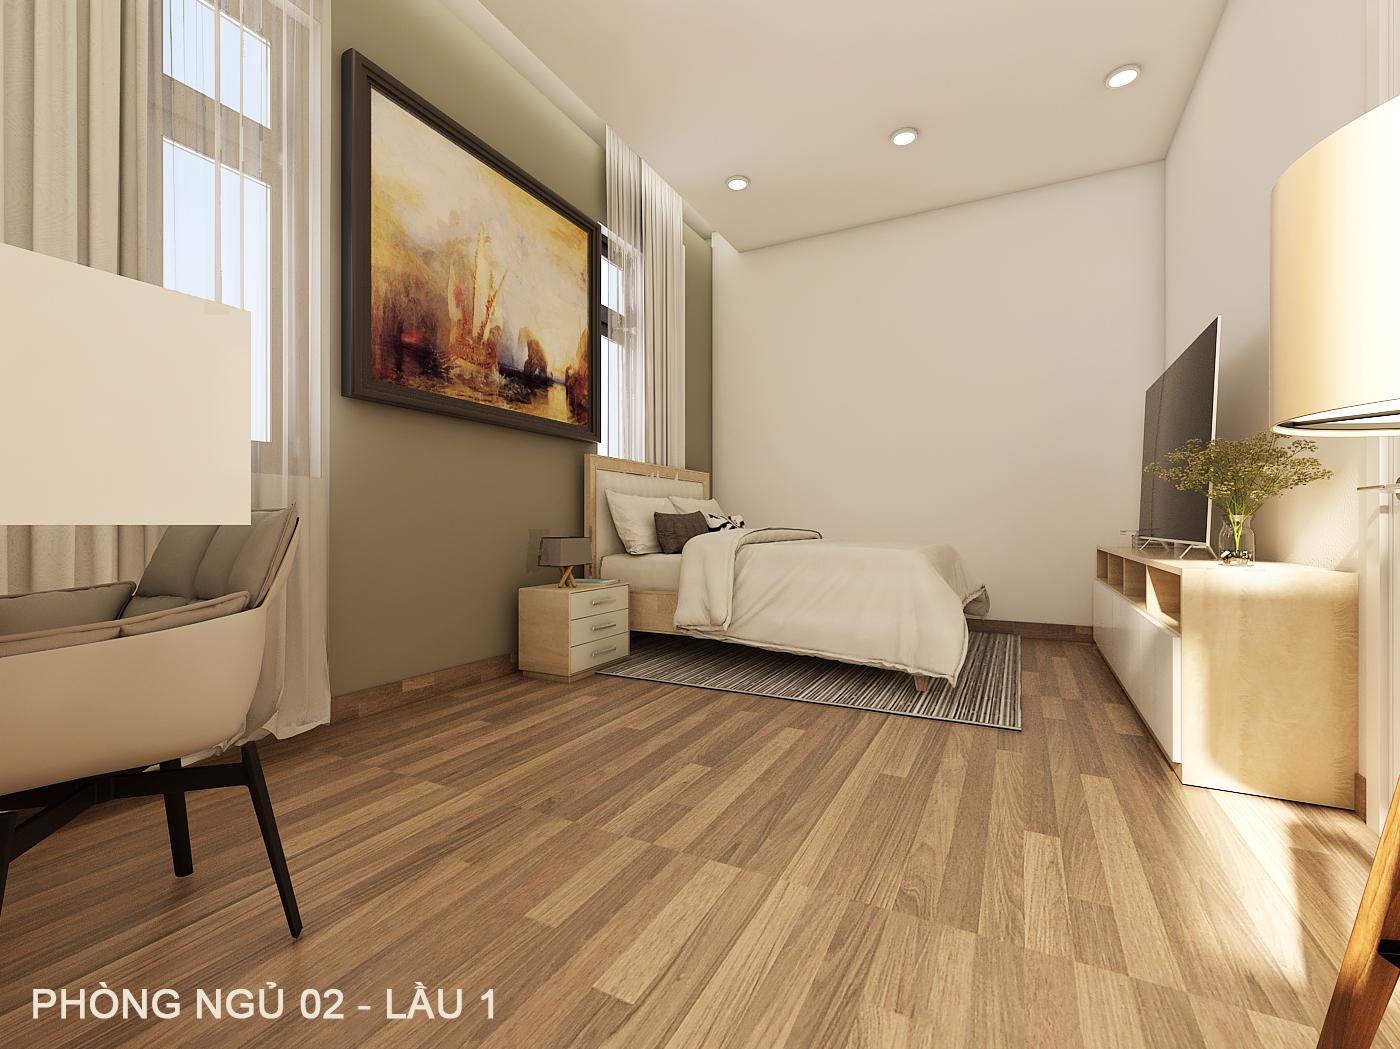 noi that hien dai biet thu 2 tang mini 5 [KHÔNG PHÁT SINH] xây nhà biệt thự 2 tầng ở Đồng Nai từ thiết kế đến hoàn công